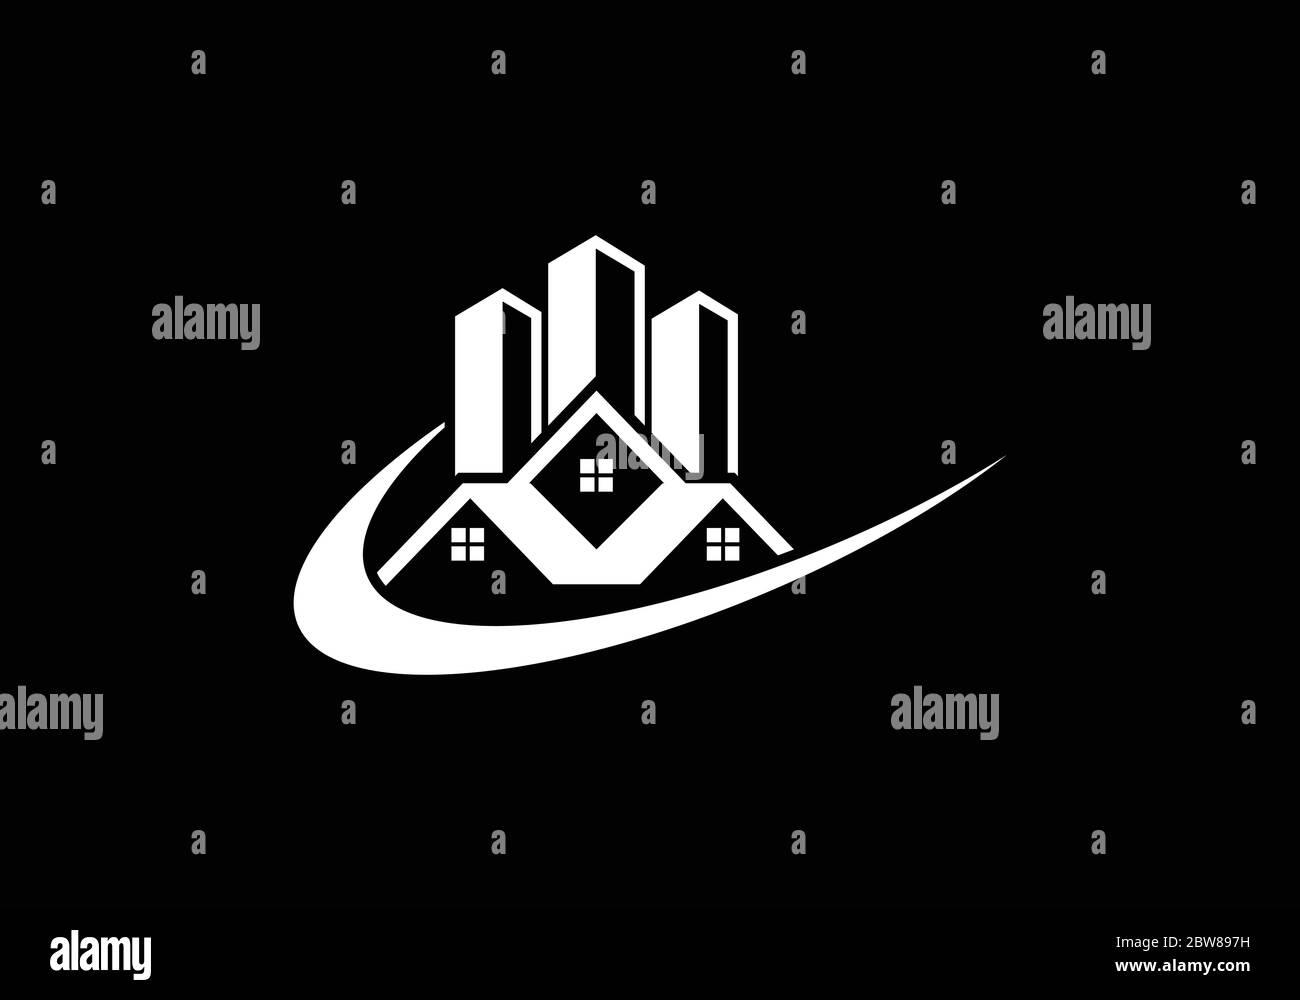 Diseño de logotipo de vector inmobiliario, Diseño de logotipo de edificio, plantilla de logotipo de vector inmobiliario, logotipo de una propiedad, logotipo de casa abstracto Ilustración del Vector